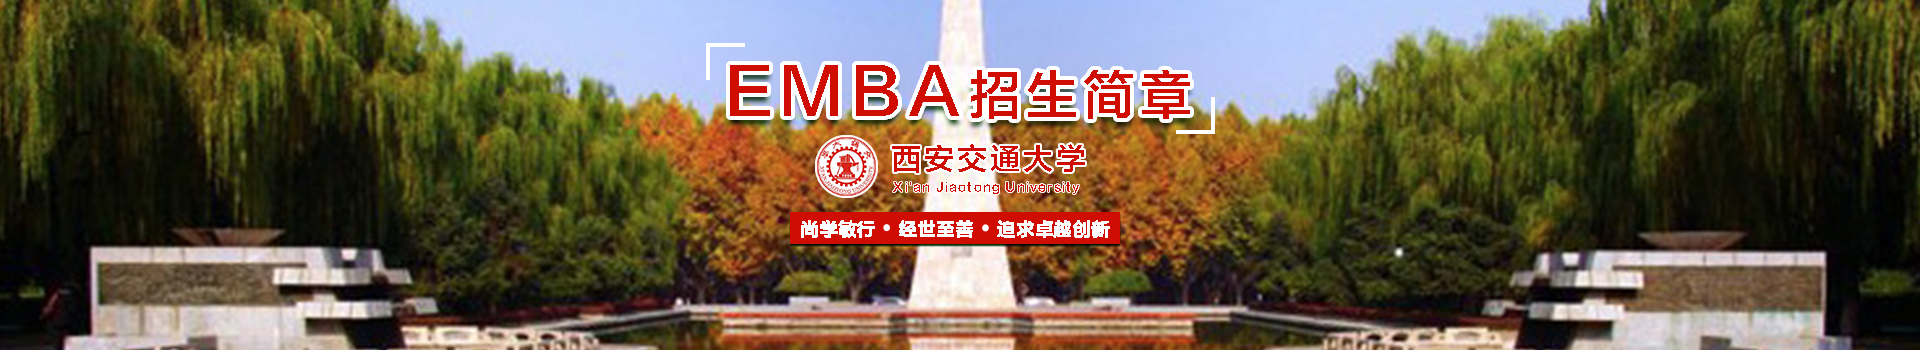 西安交通大学管理学院高级工商管理硕士EMBA招生简章